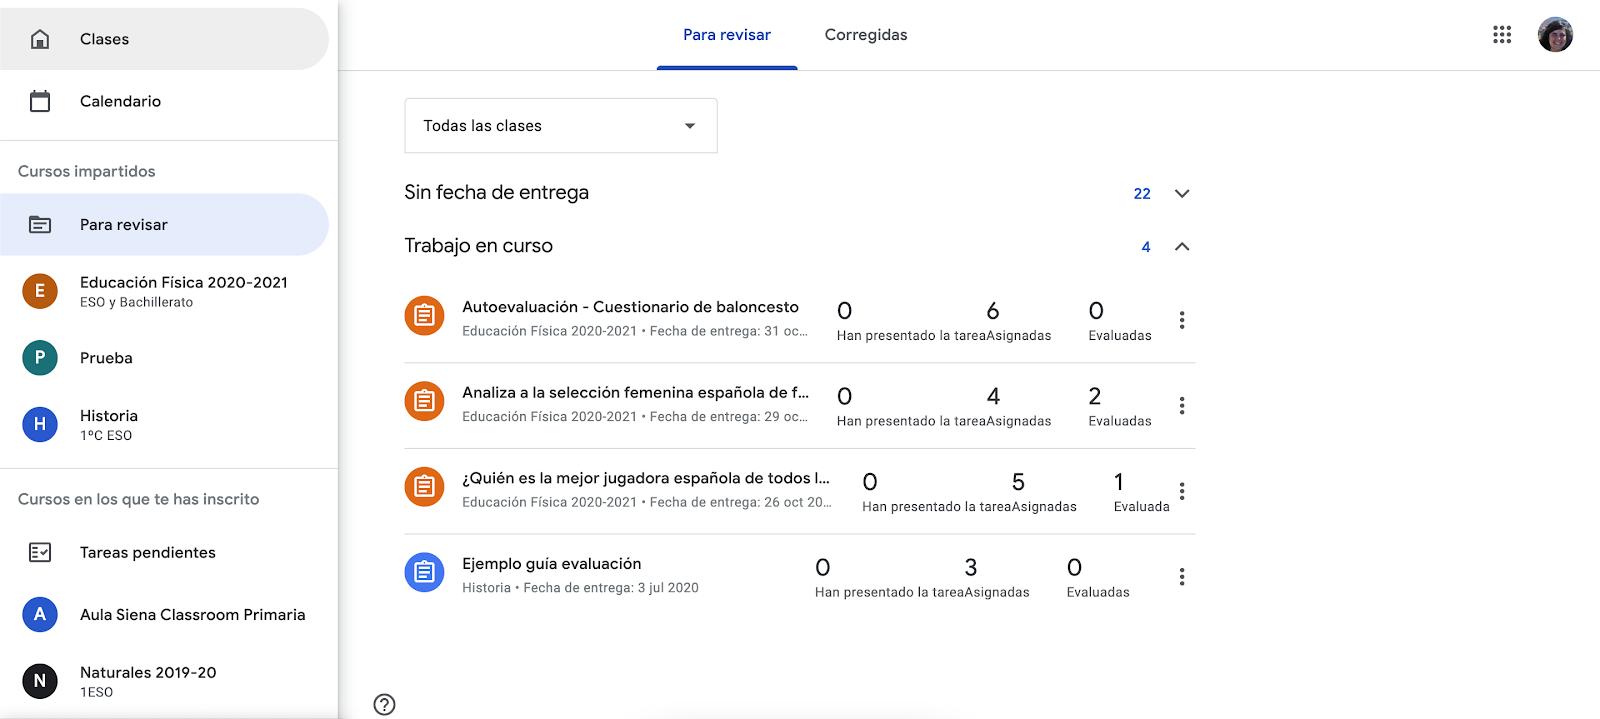 Trucos para sacar el máximo provecho a Google Classroom. Revisa las tareas pendientes que tienes como profesor.